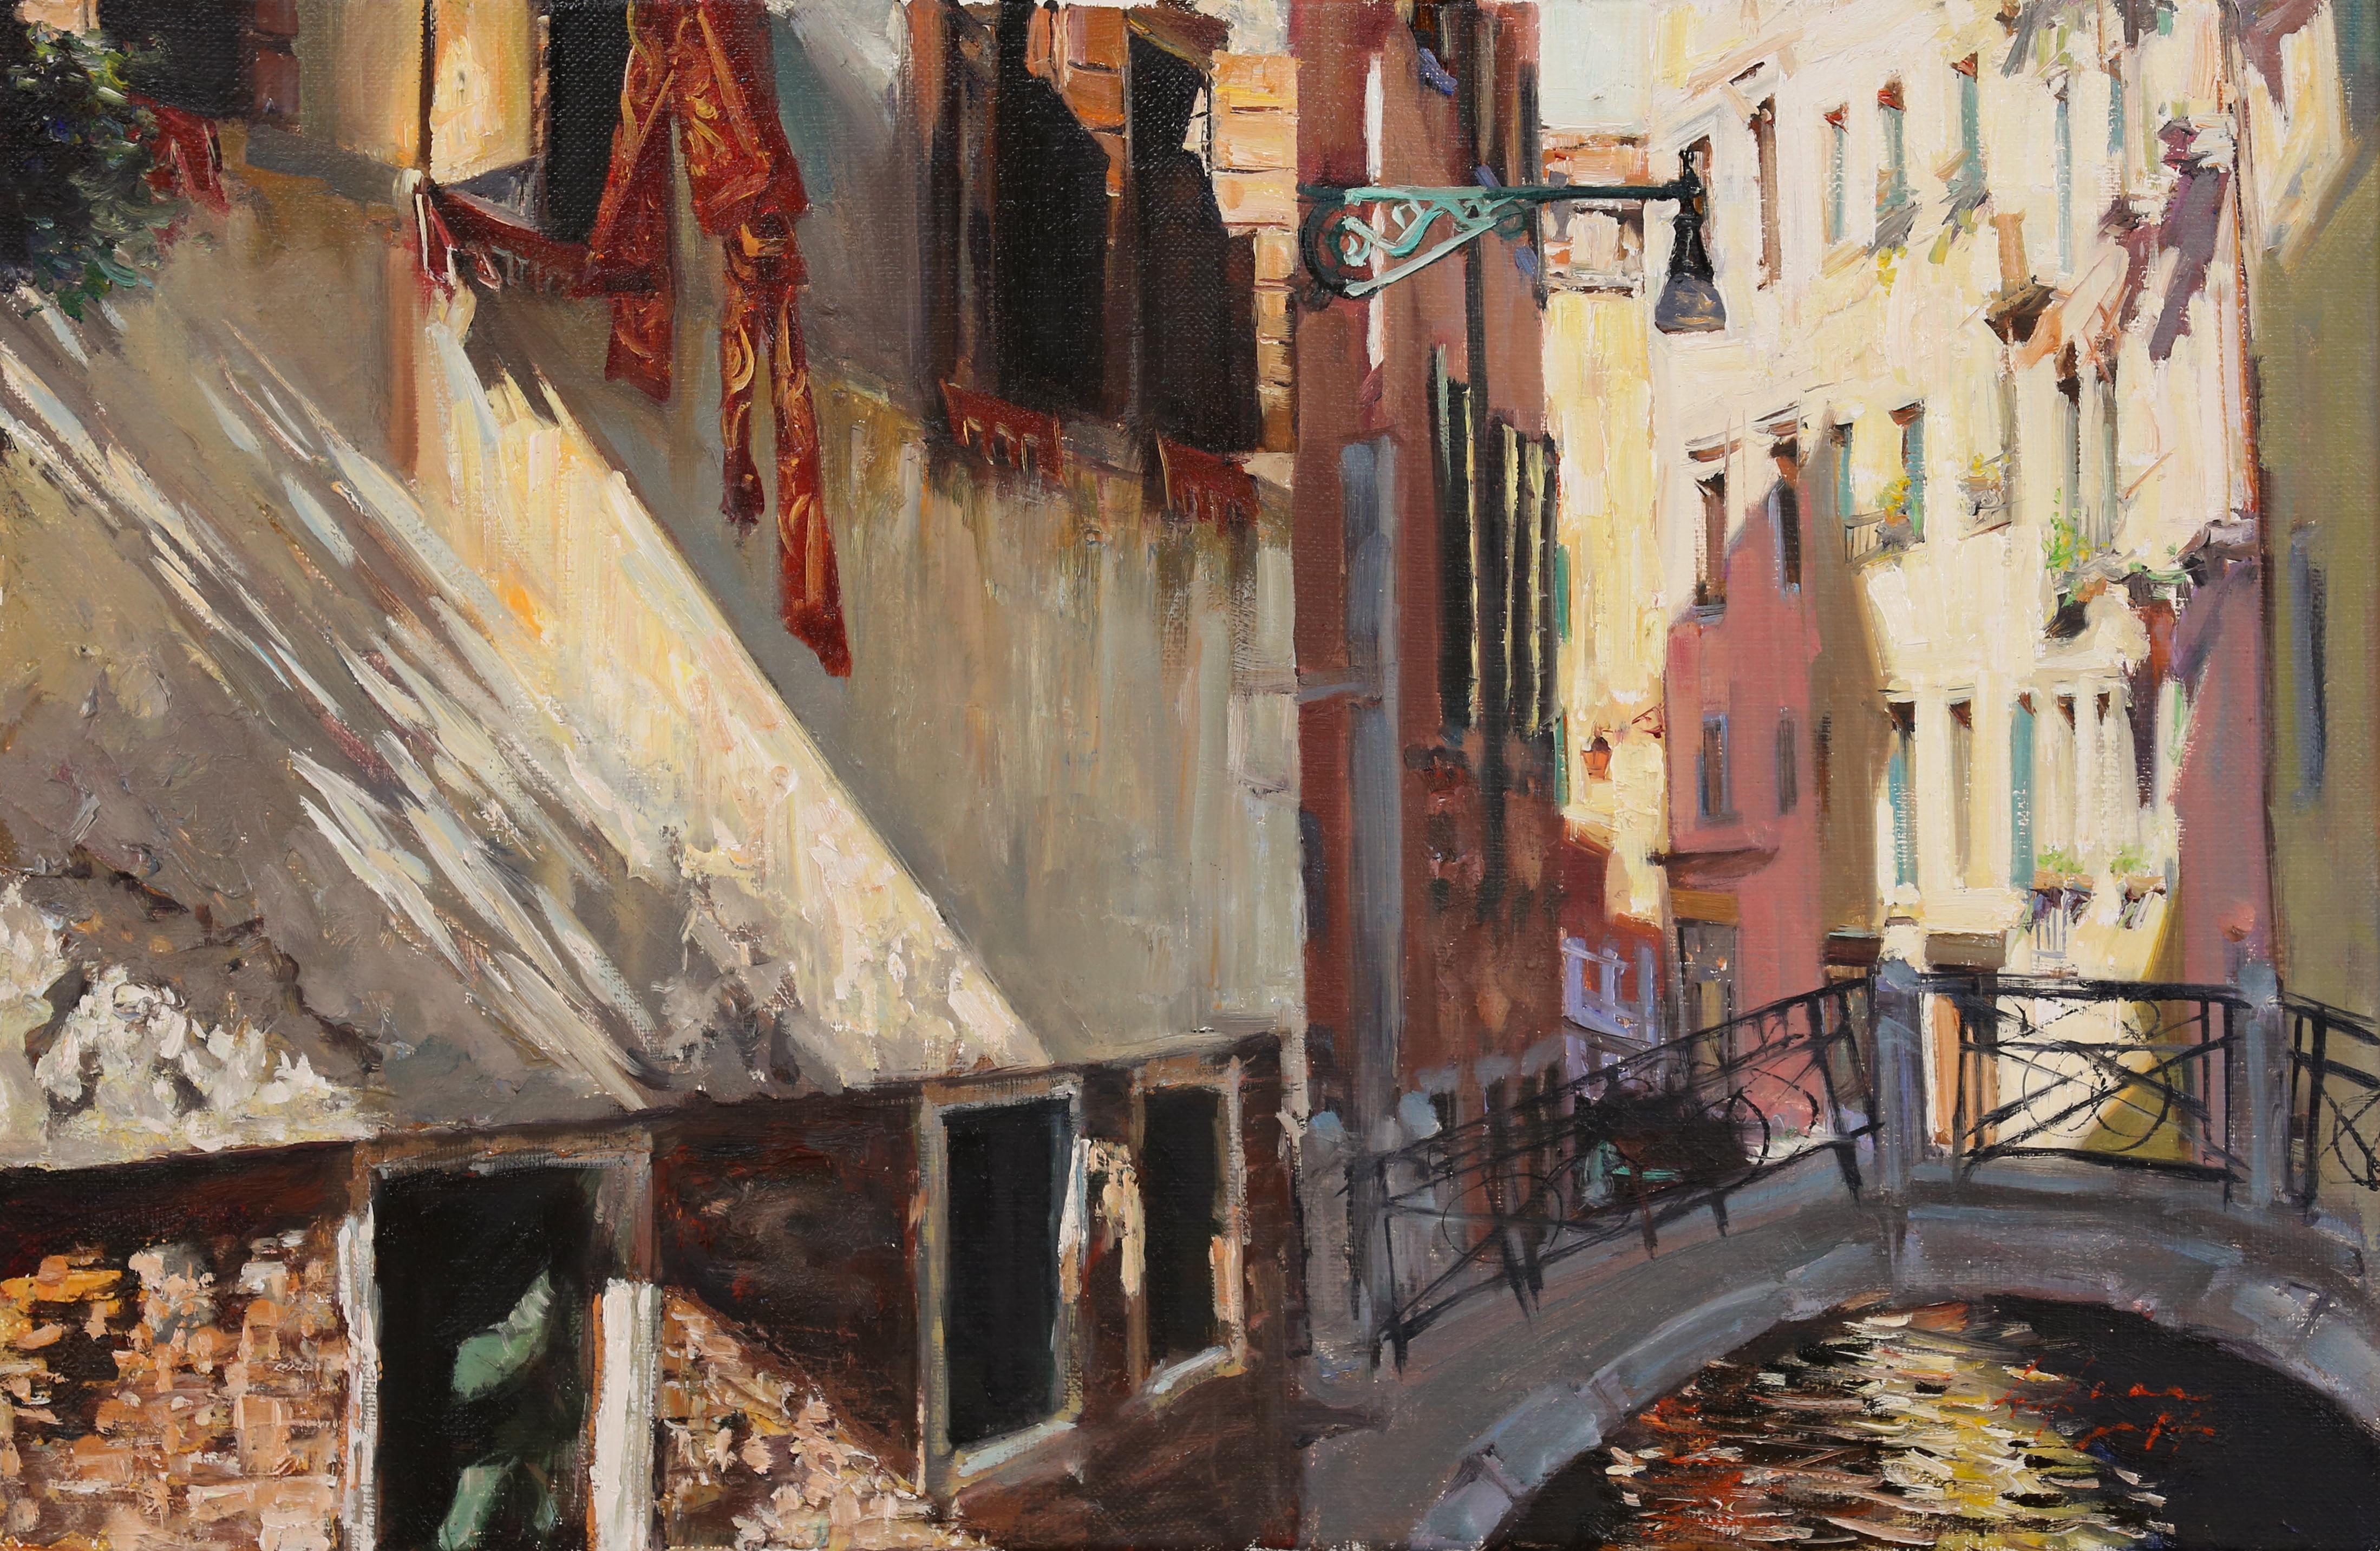 베네치아 인상 40.9x26.7 Oil on canvas 2014